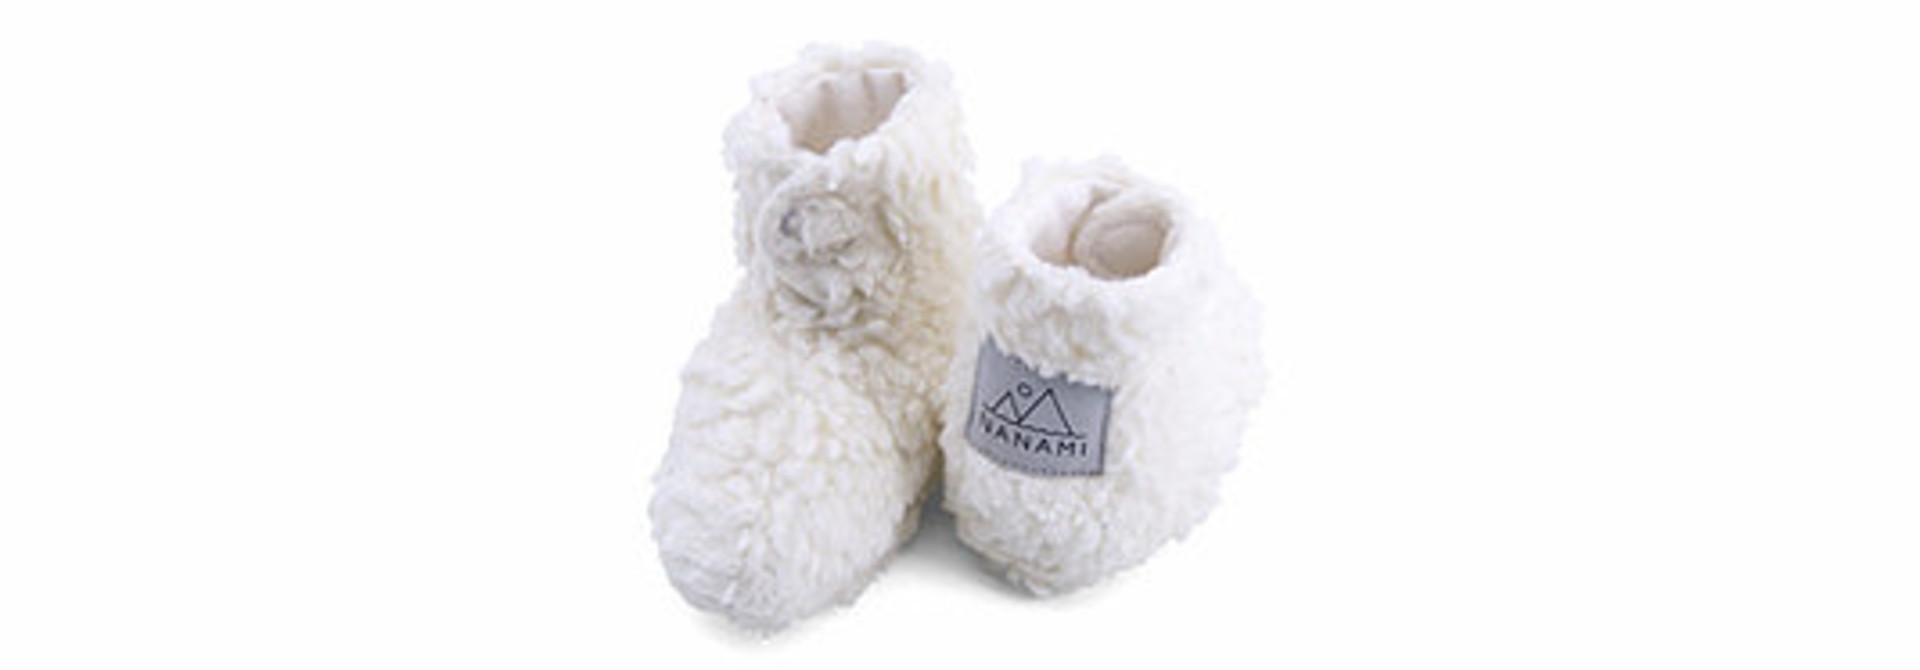 Newborn shoes - teddy